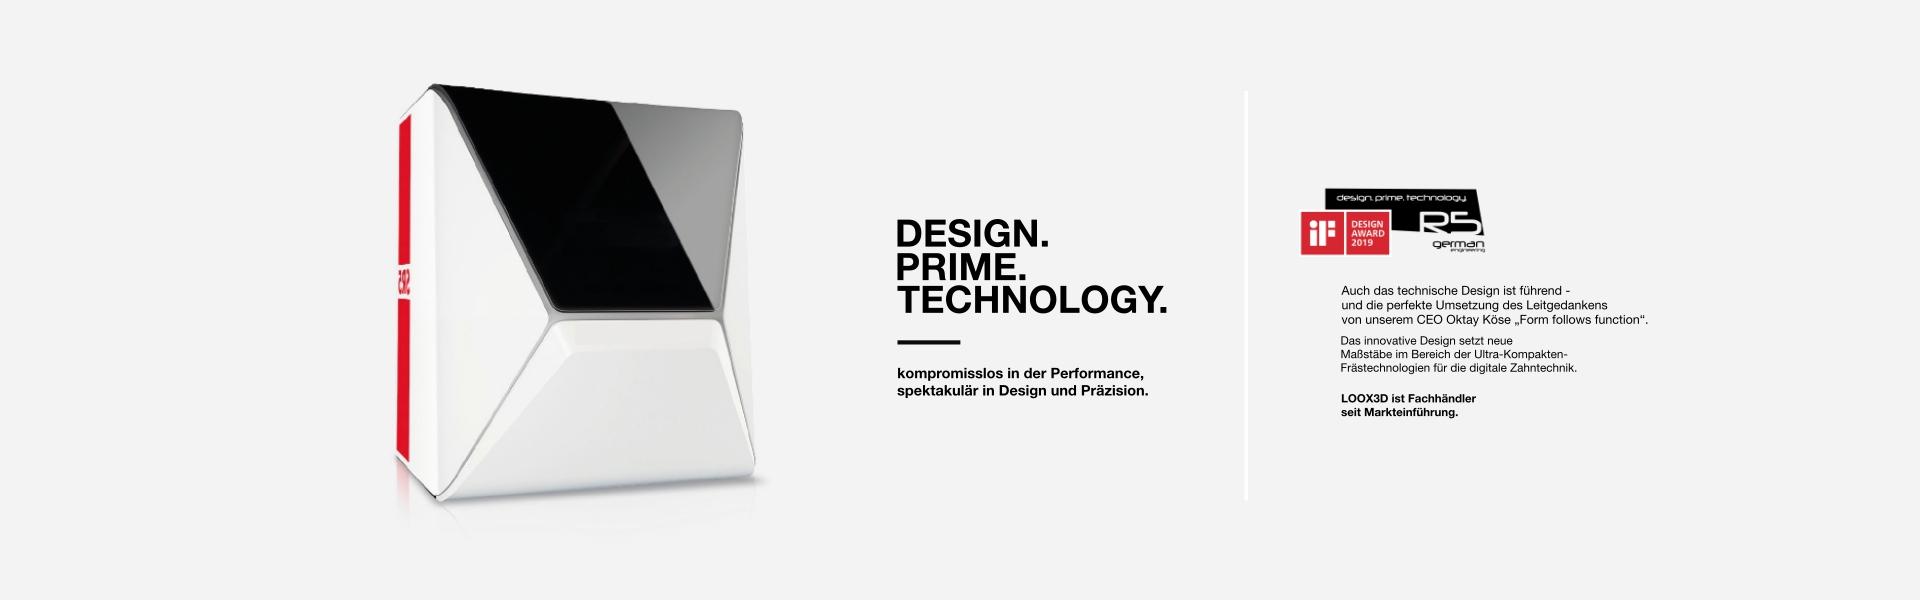 vhf R5 IF design award 2019 2